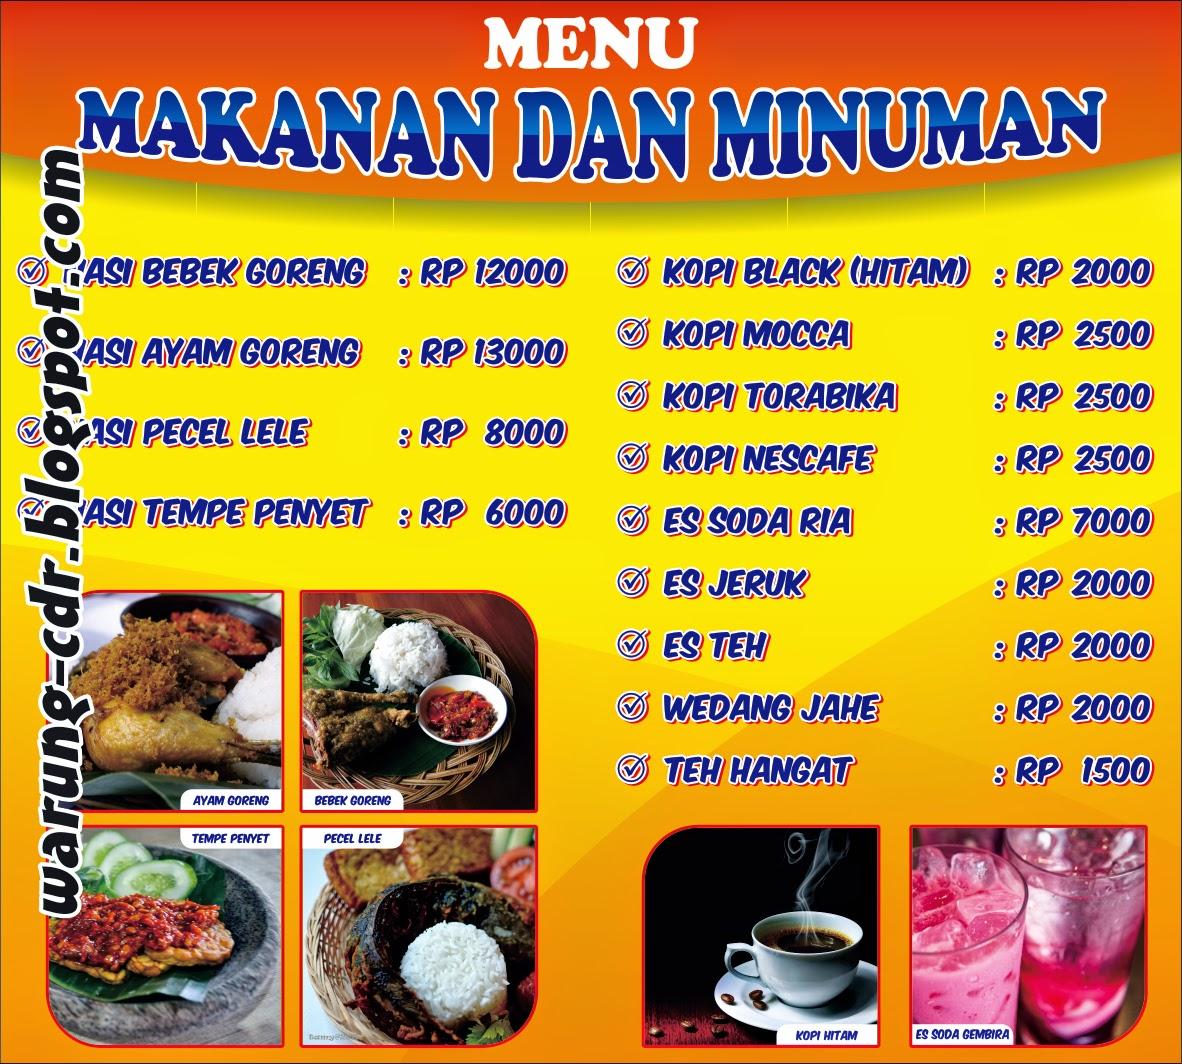 Contoh Banner Warung / Menu Makanan Dan Minuman